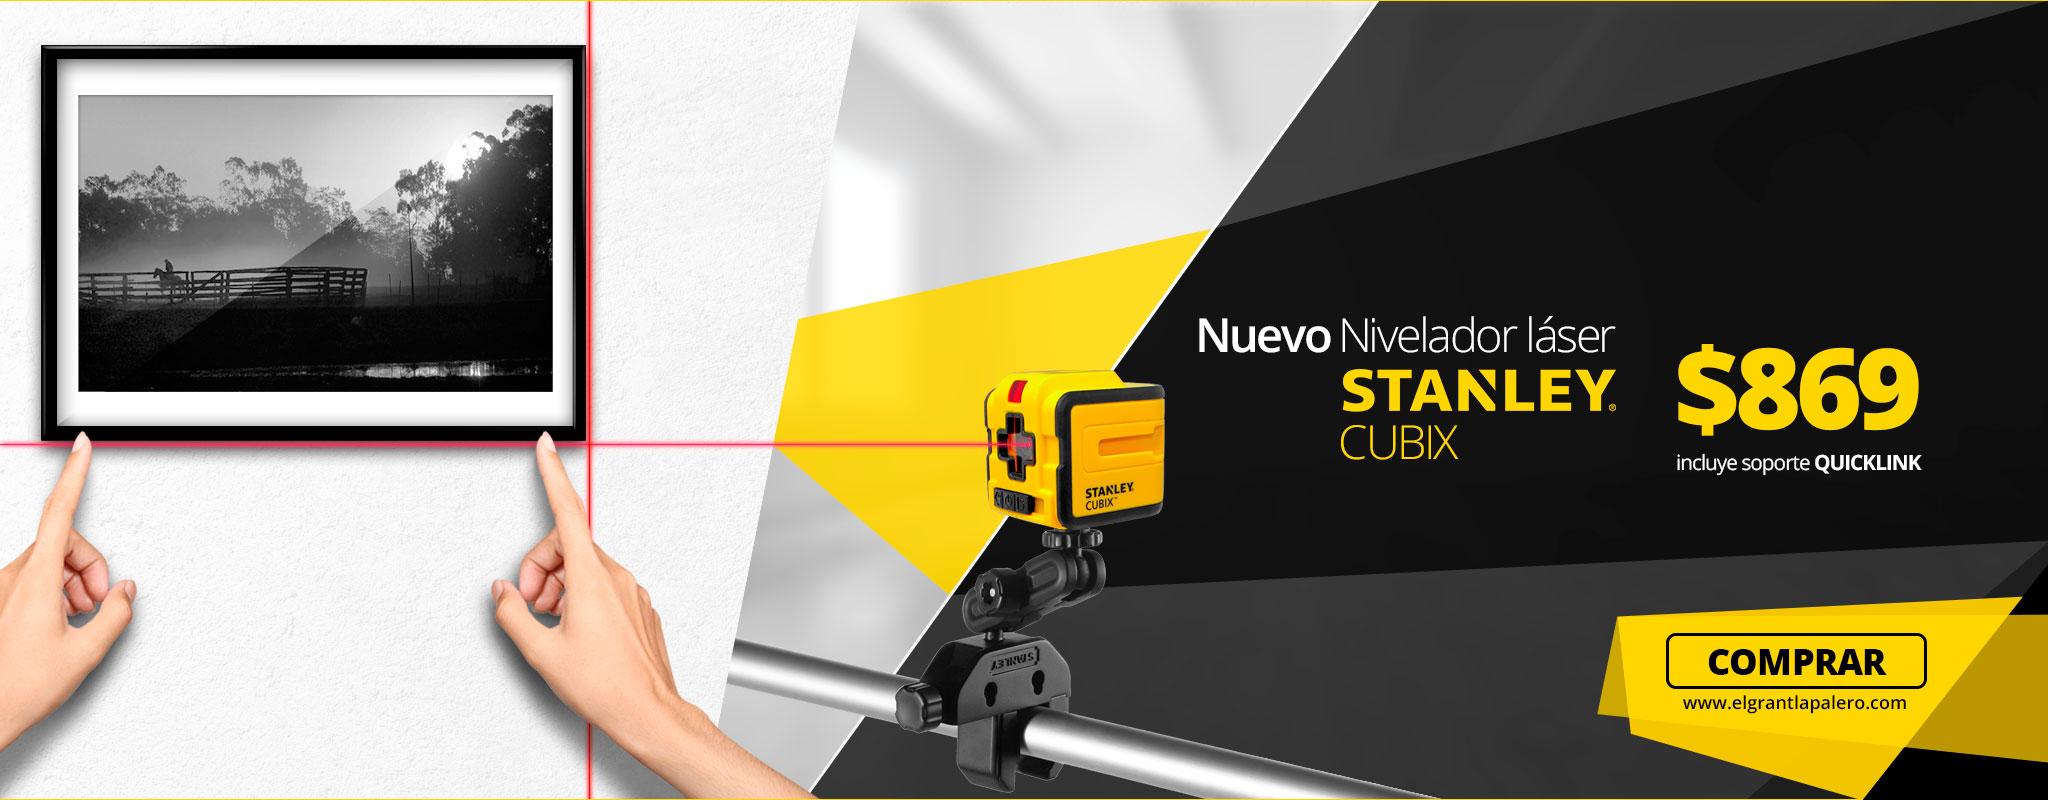 Conoce el nuevo nivelador laser Stanley CUBIX!